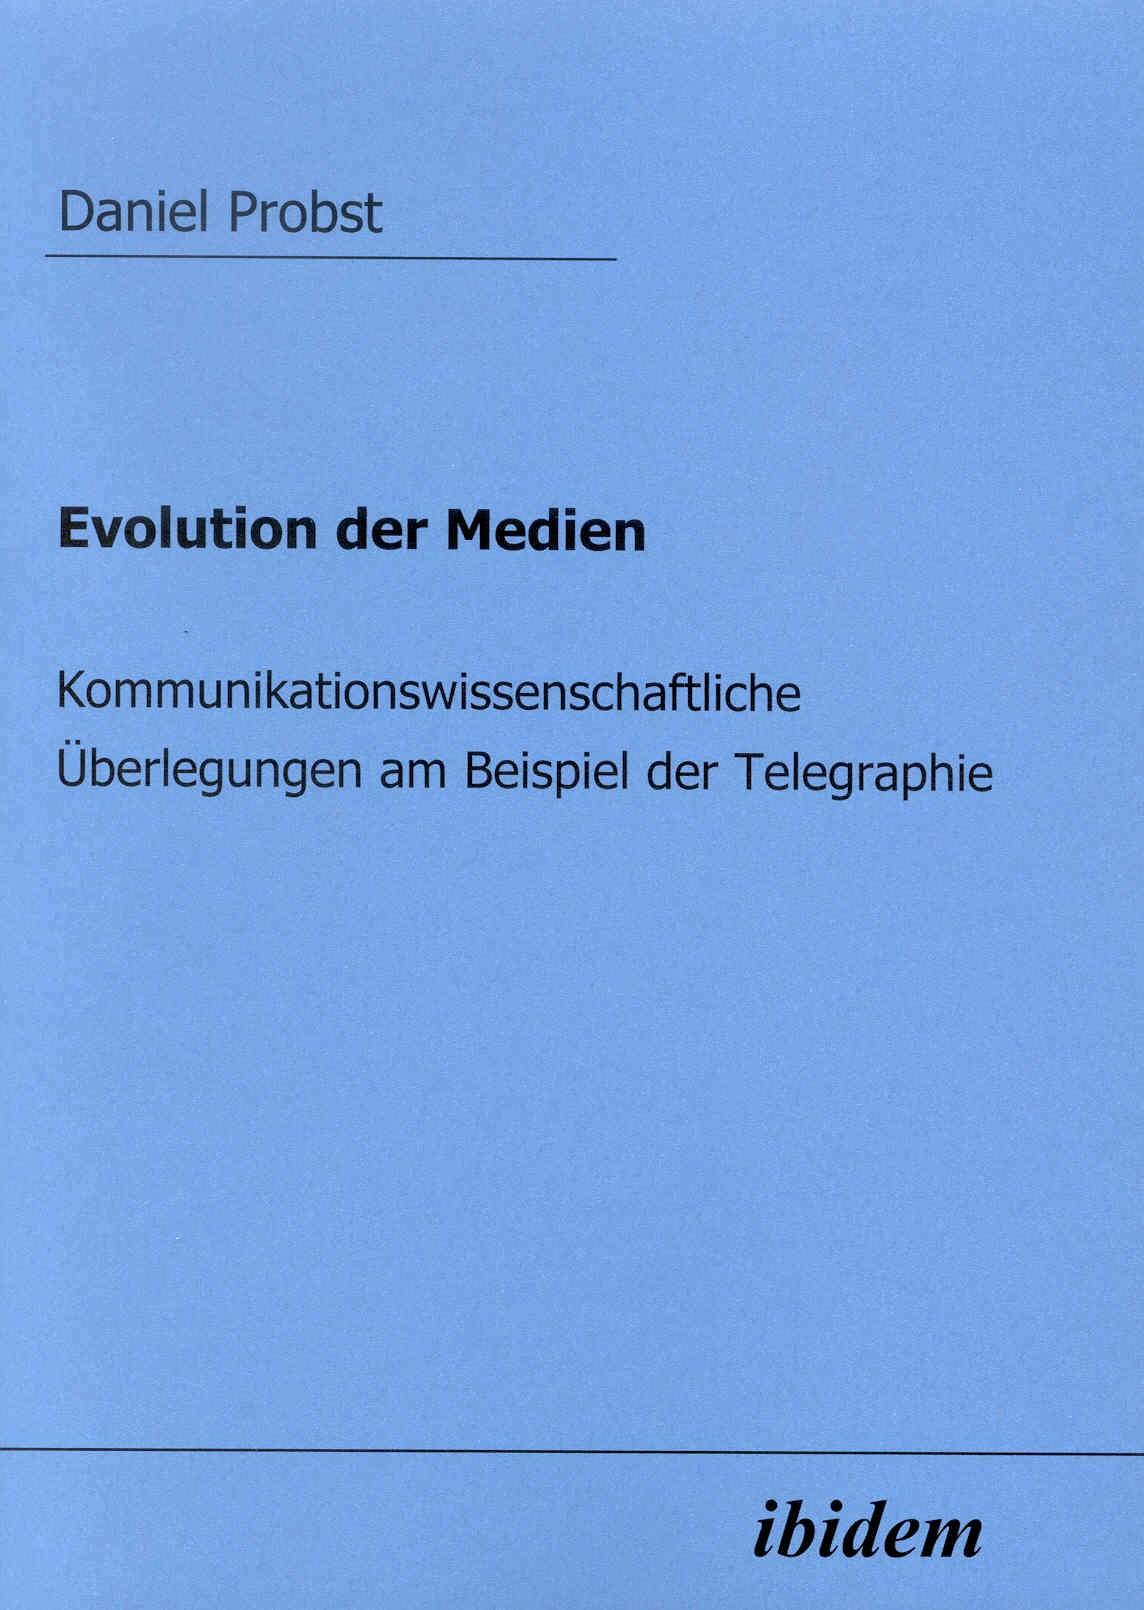 Evolution der Medien